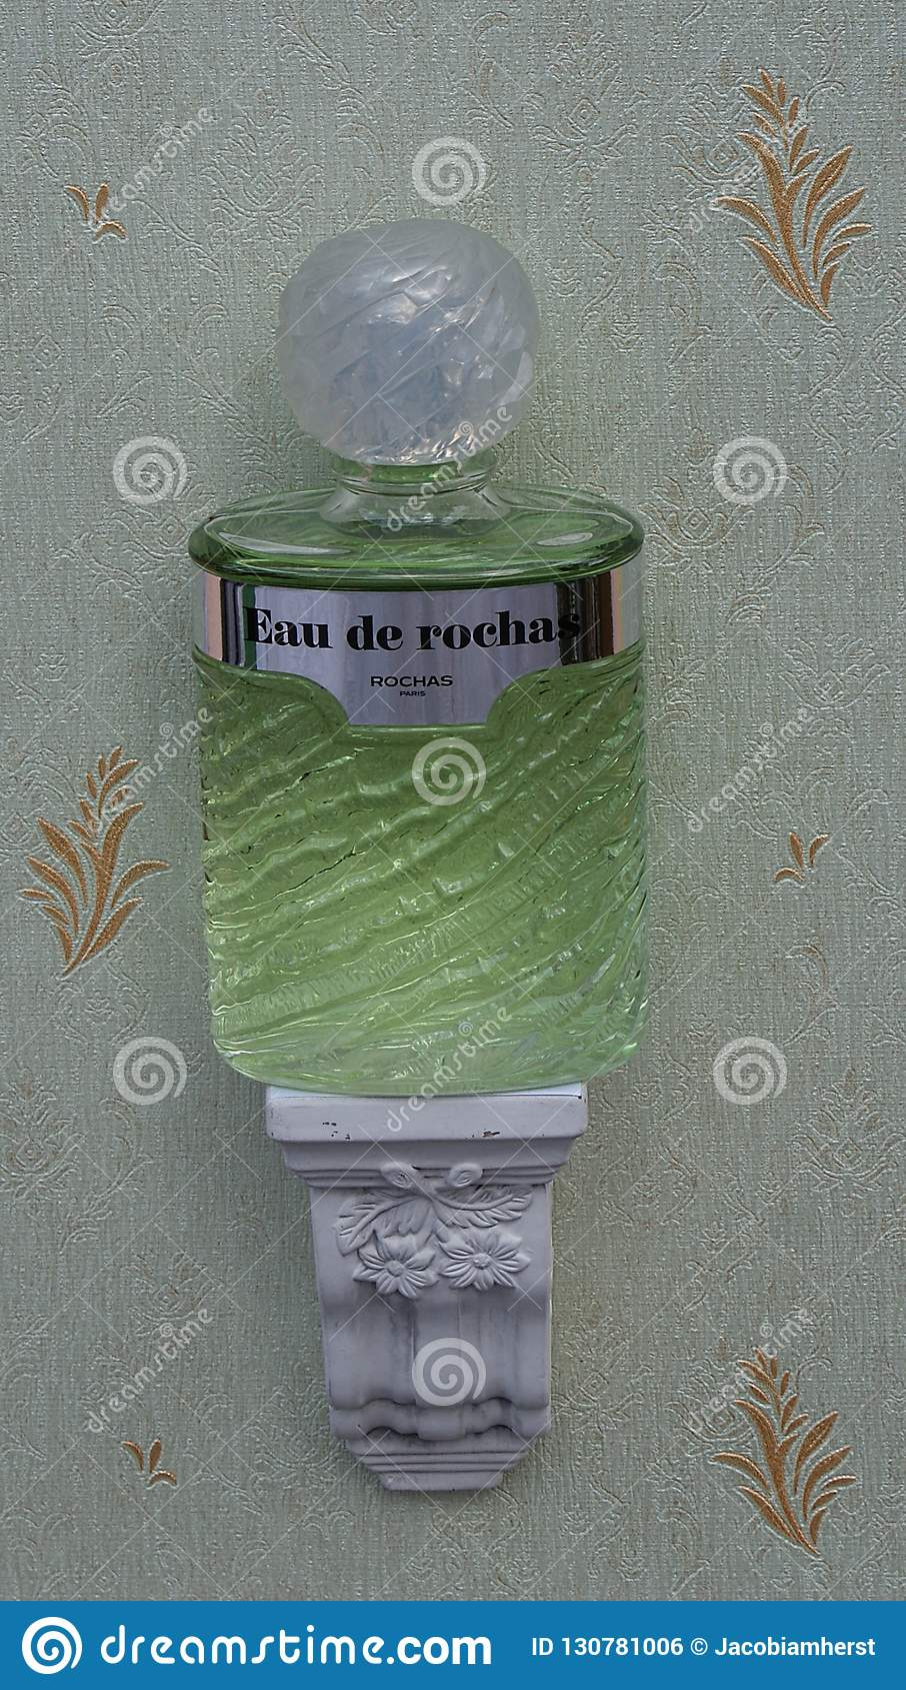 Eau De Rochas, woń dla dam, wielka pachnidło butelka na antyk ściany konsoli z ornamentem